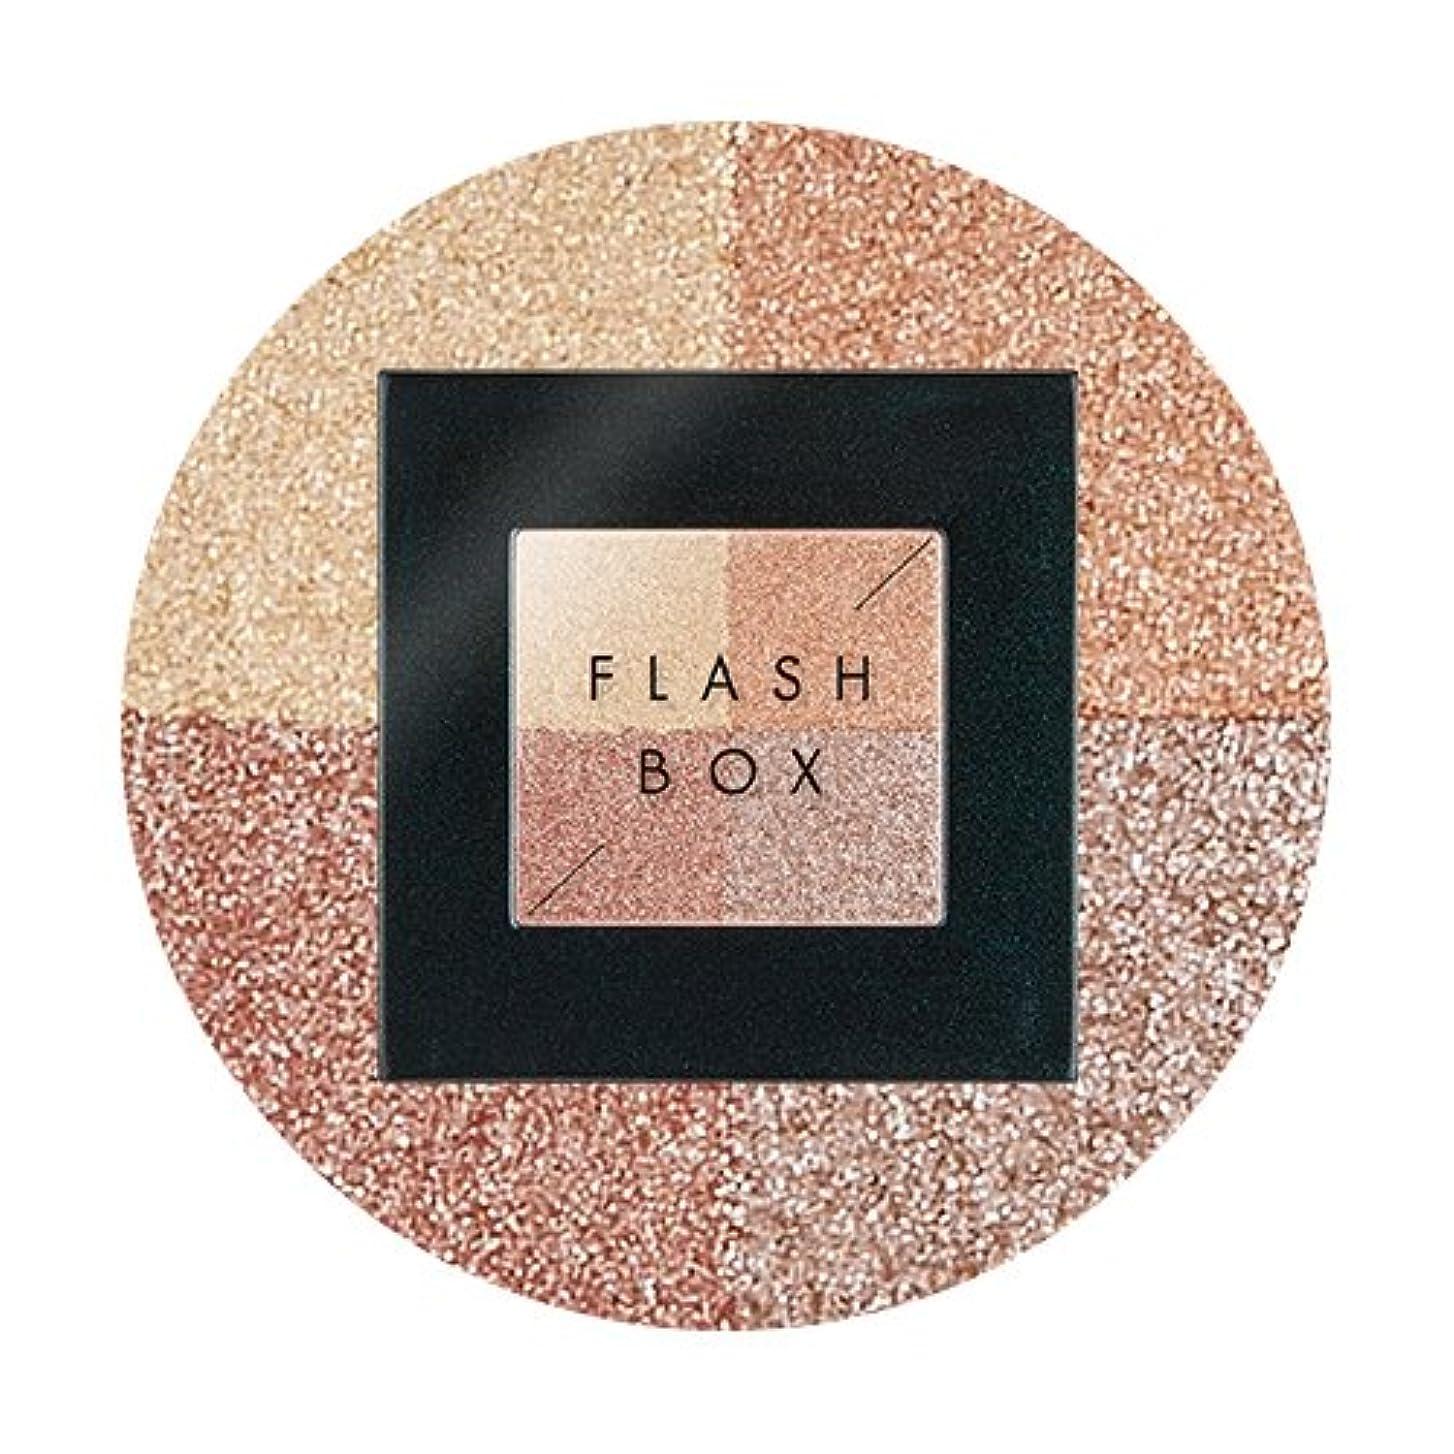 従う生活従者APIEU Flash Box (#2 Lustering Time) / [アピュ/オピュ] フラッシュボックス [並行輸入品]